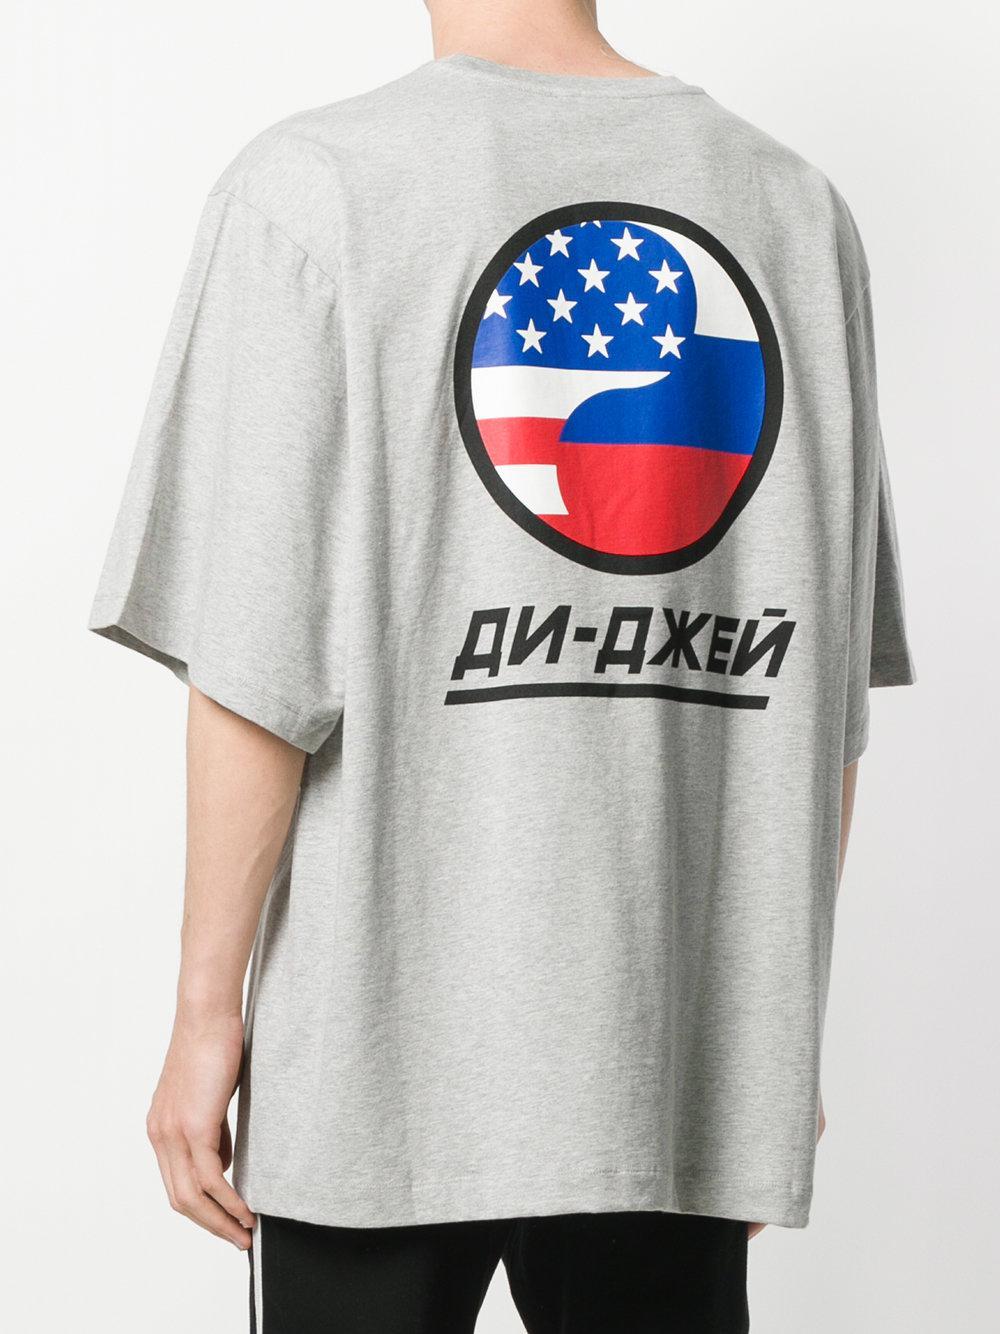 d0fe6e51313406 Gosha Rubchinskiy Flag Logo T-shirt in Gray for Men - Lyst